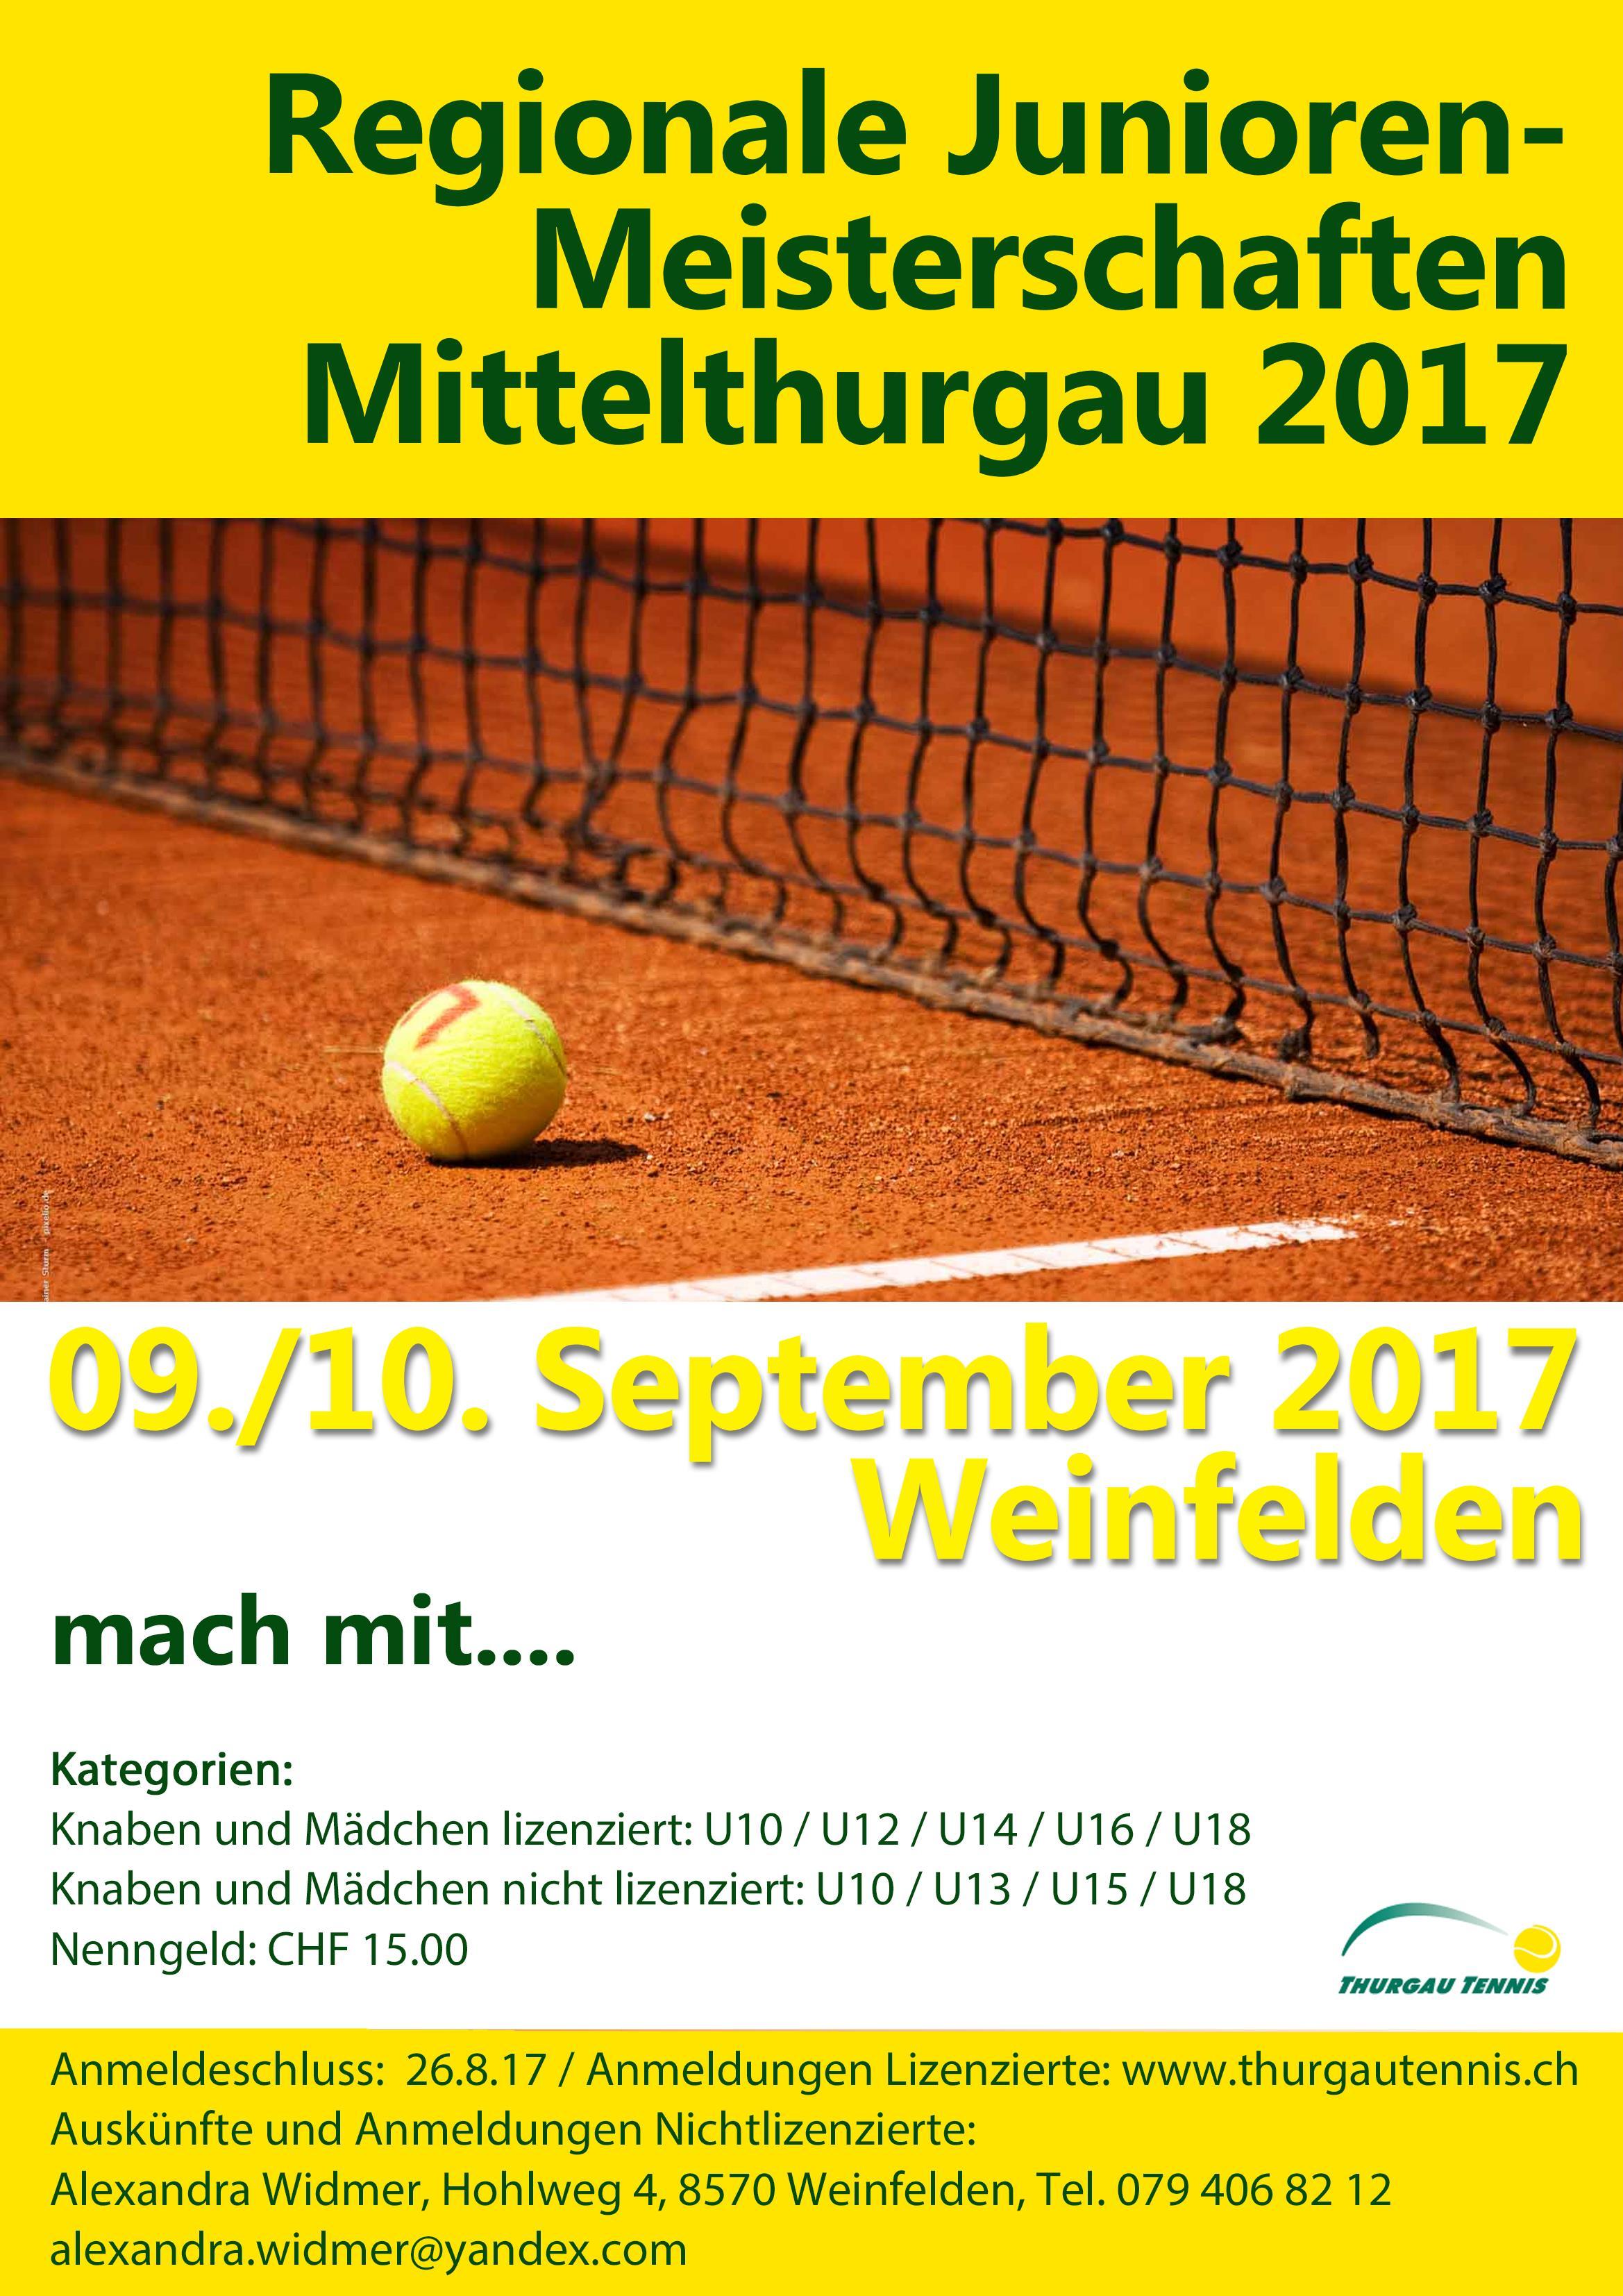 Plakat Regionale Juniorenmeisterschaften 2017